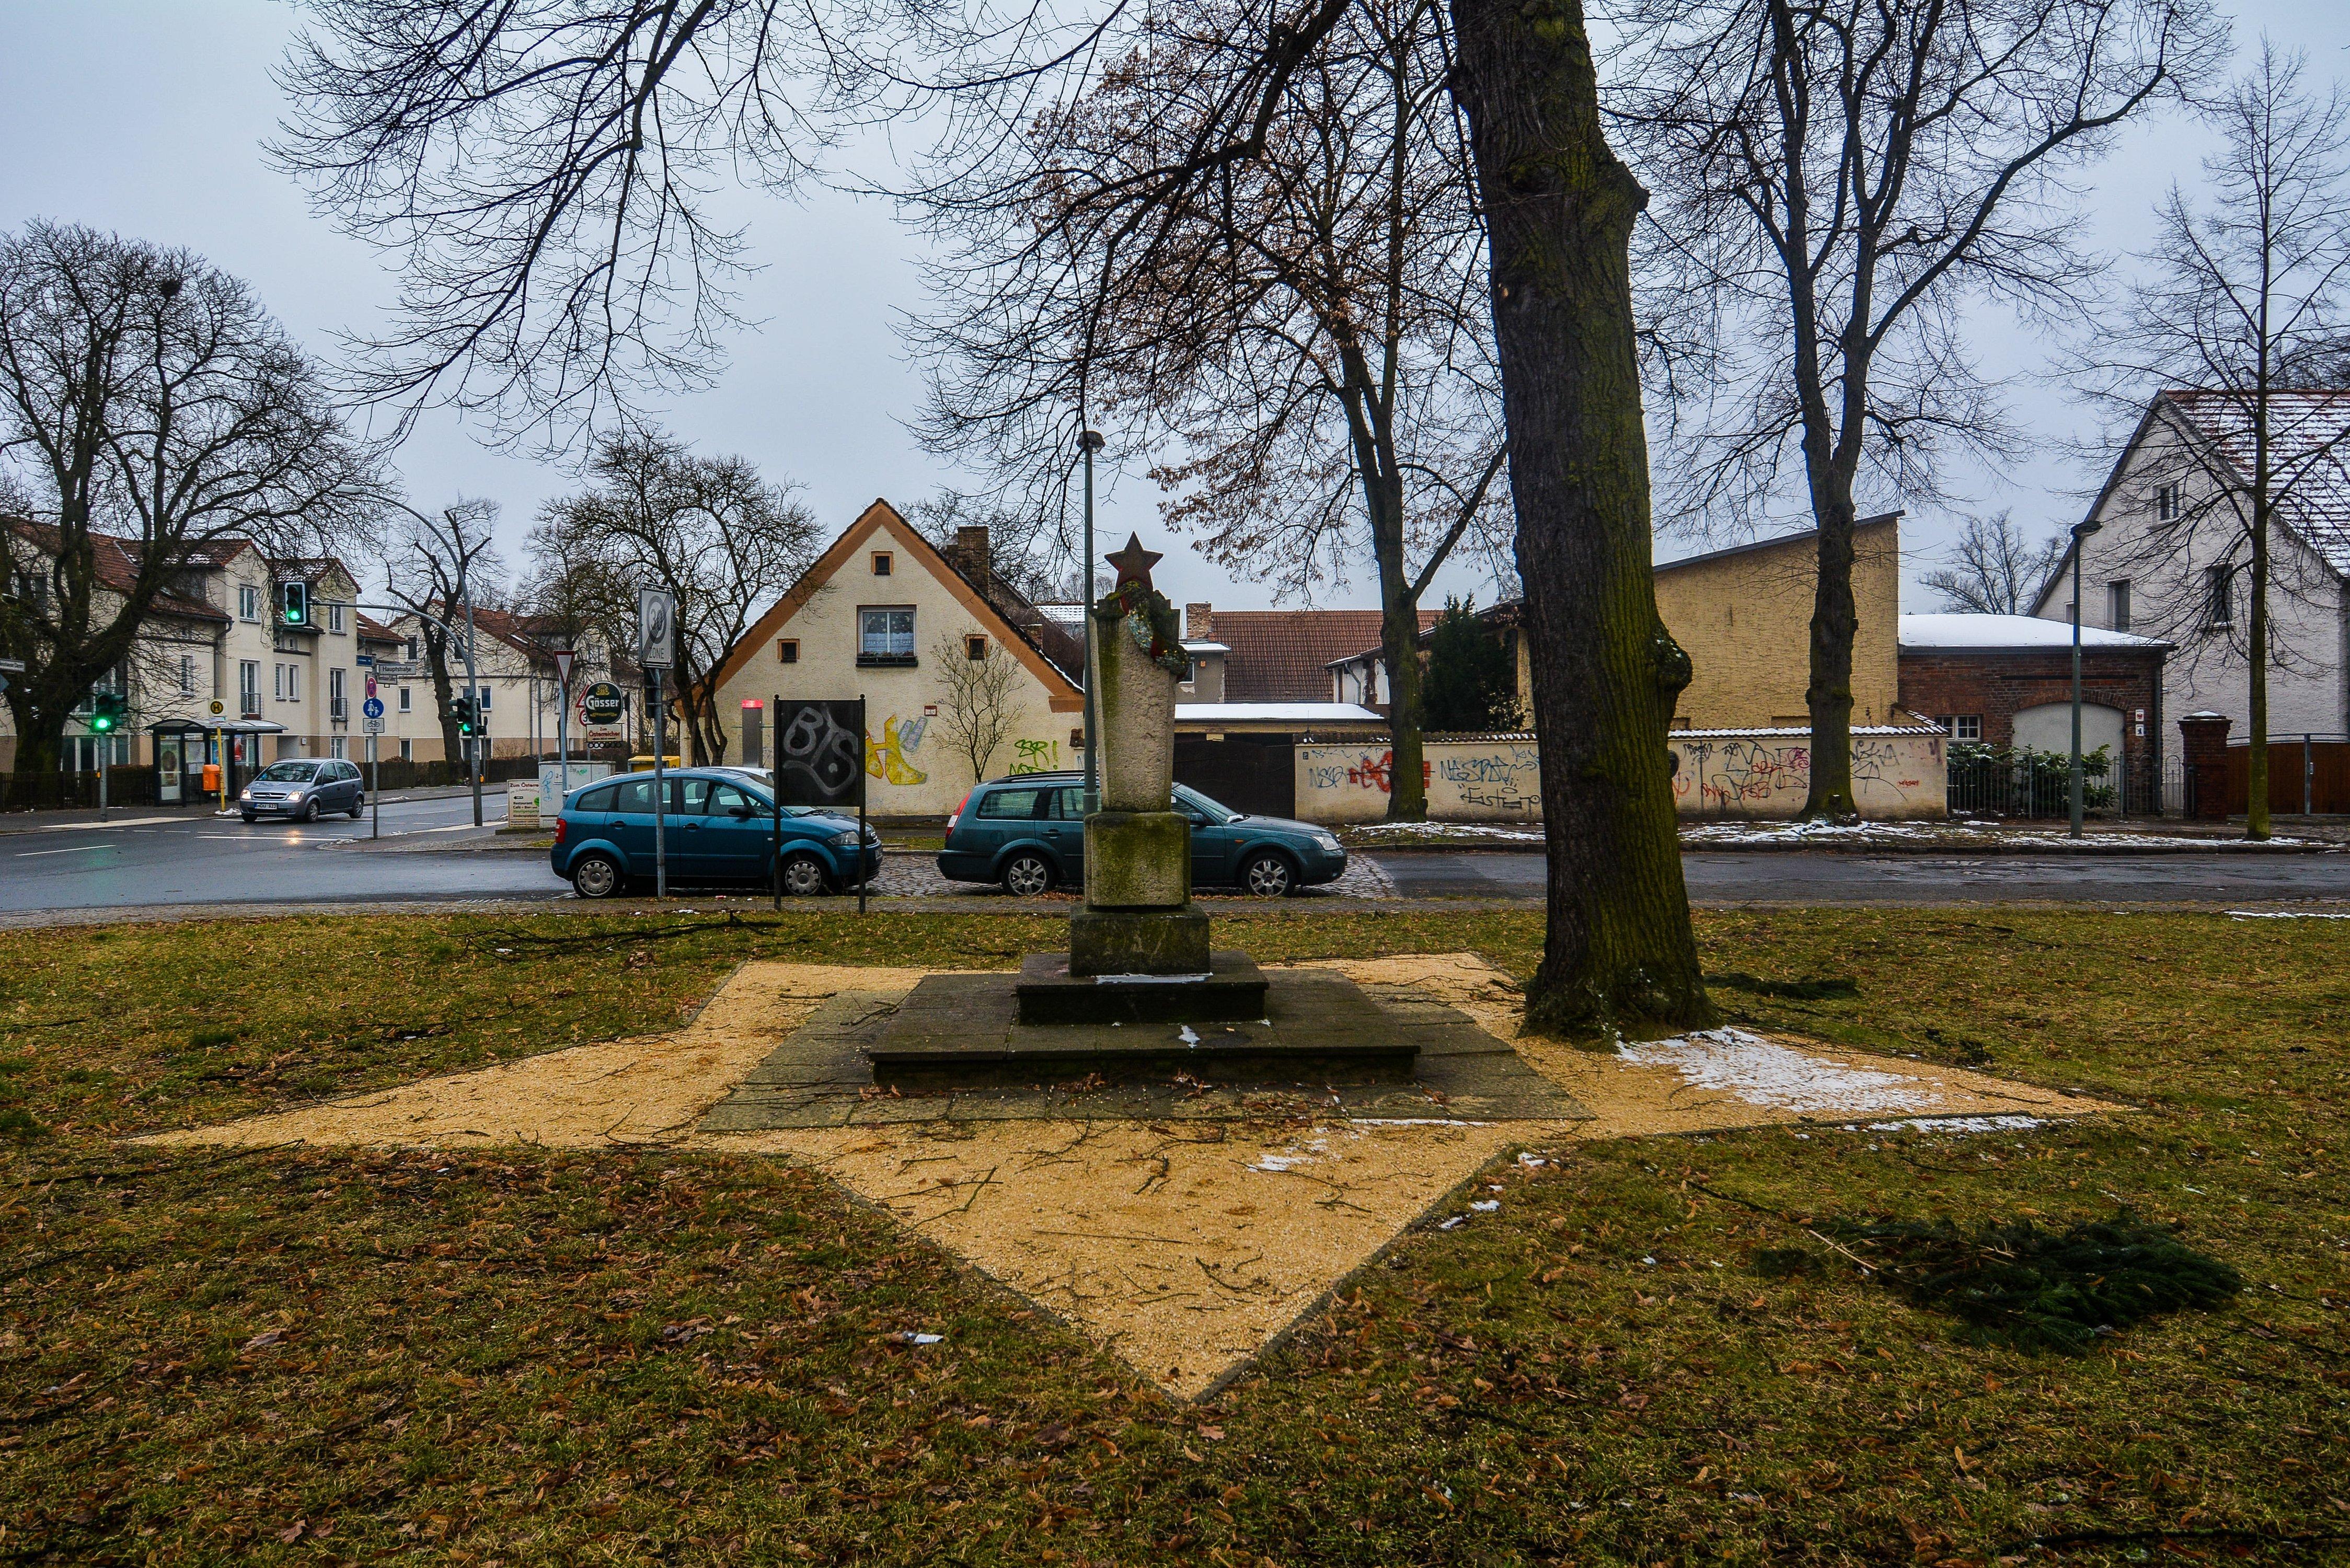 soviet war memorial staaken sowjetisches ehrenmal staaken berlin germany deutschland koenigstein preussen rotern stern red star